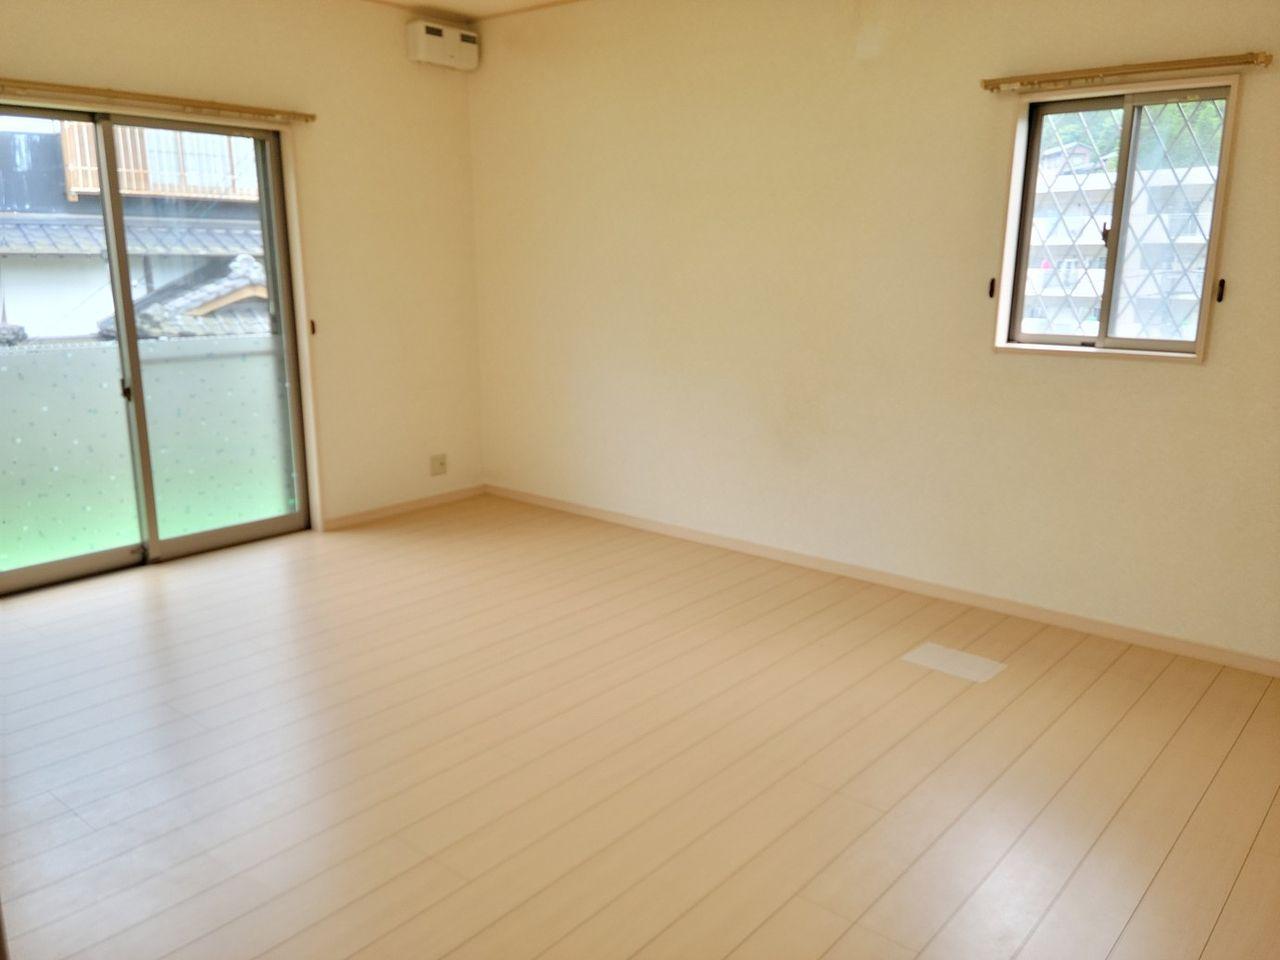 1階の洋室です。広く部屋を取っています。